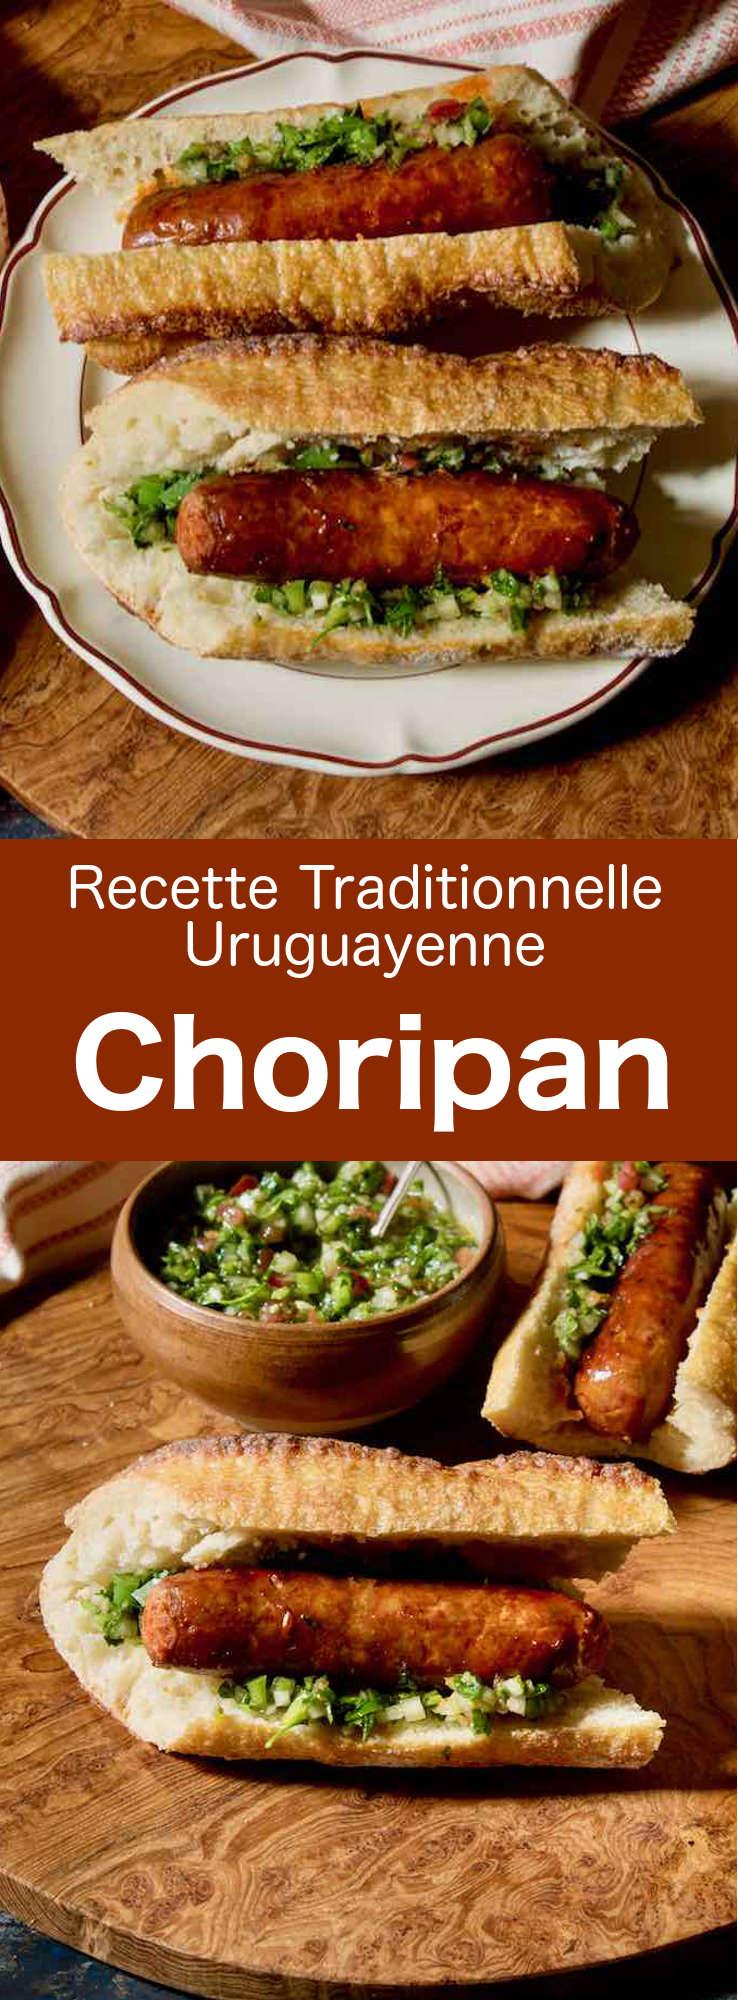 Le choripán est un délicieux sandwich à base de chorizo et de sauce chimichurri populaire en Uruguay, en Argentine, et au Chili. #Uruguay #Argentine #Chili #RecetteUruguayenne #RecetteArgentine #RecetteChilienne #CuisineUruguayenne #CuisineArgentine #CuisineChilienne #WorldCuisine #196flavors